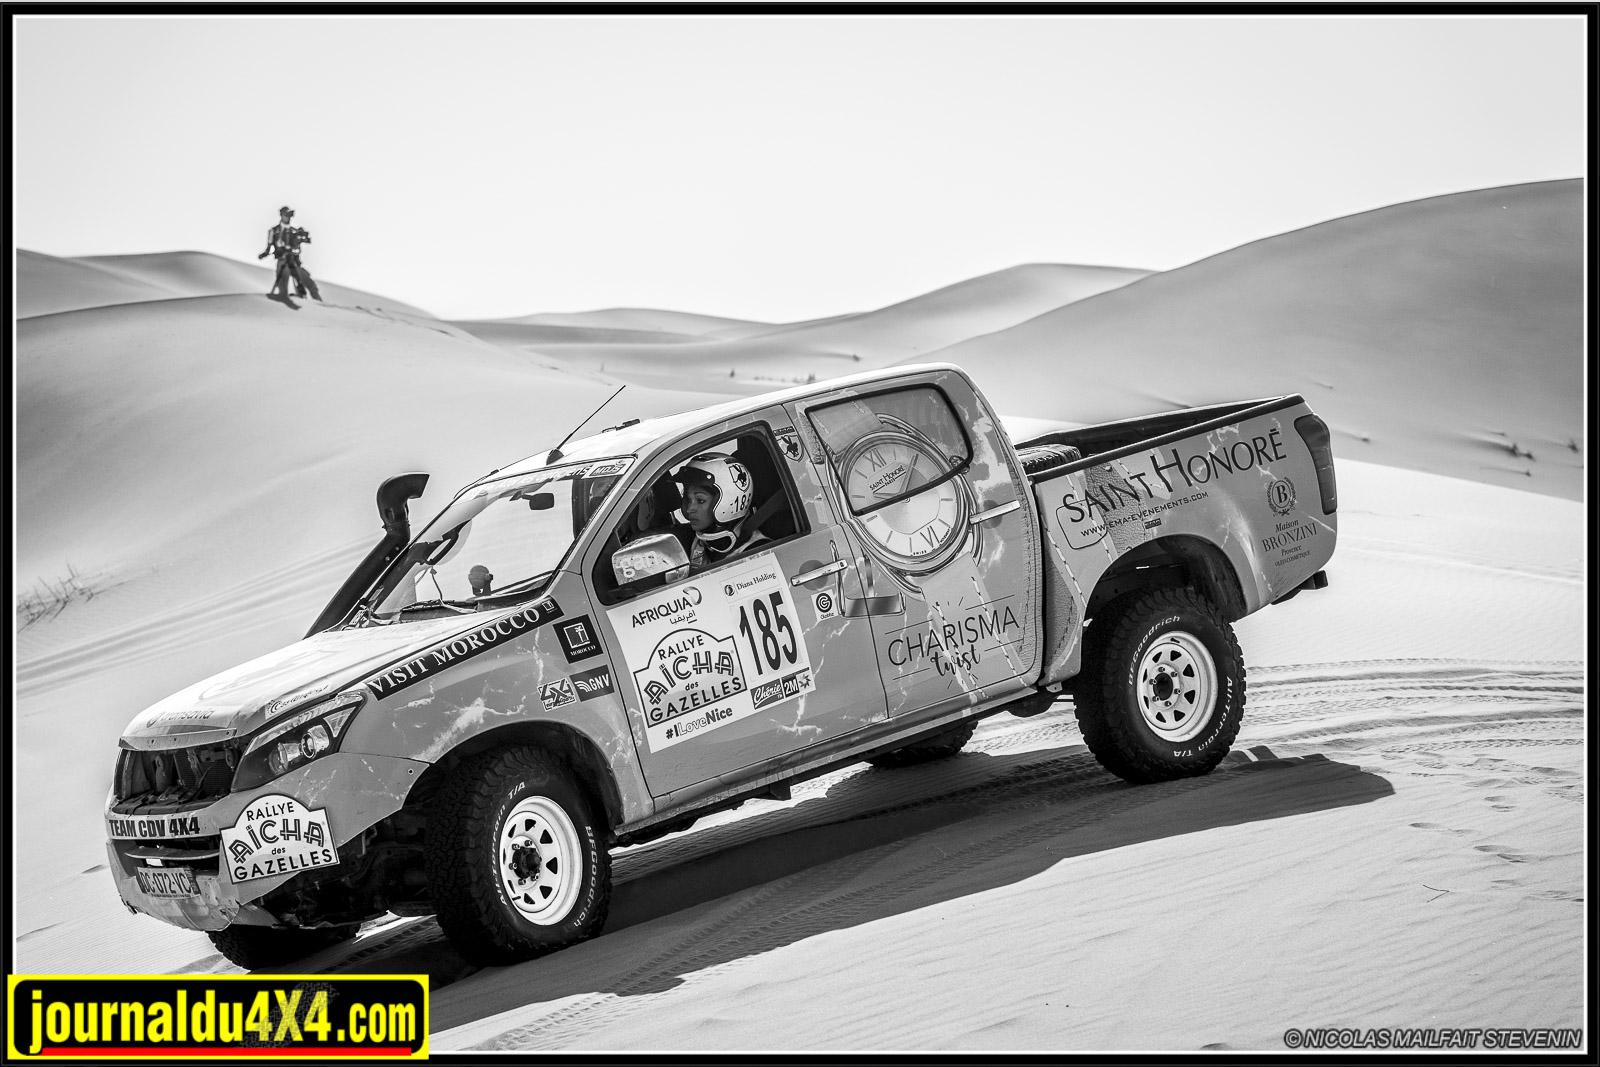 rallye-aicha-gazelles-maroc-2017-7685.jpg